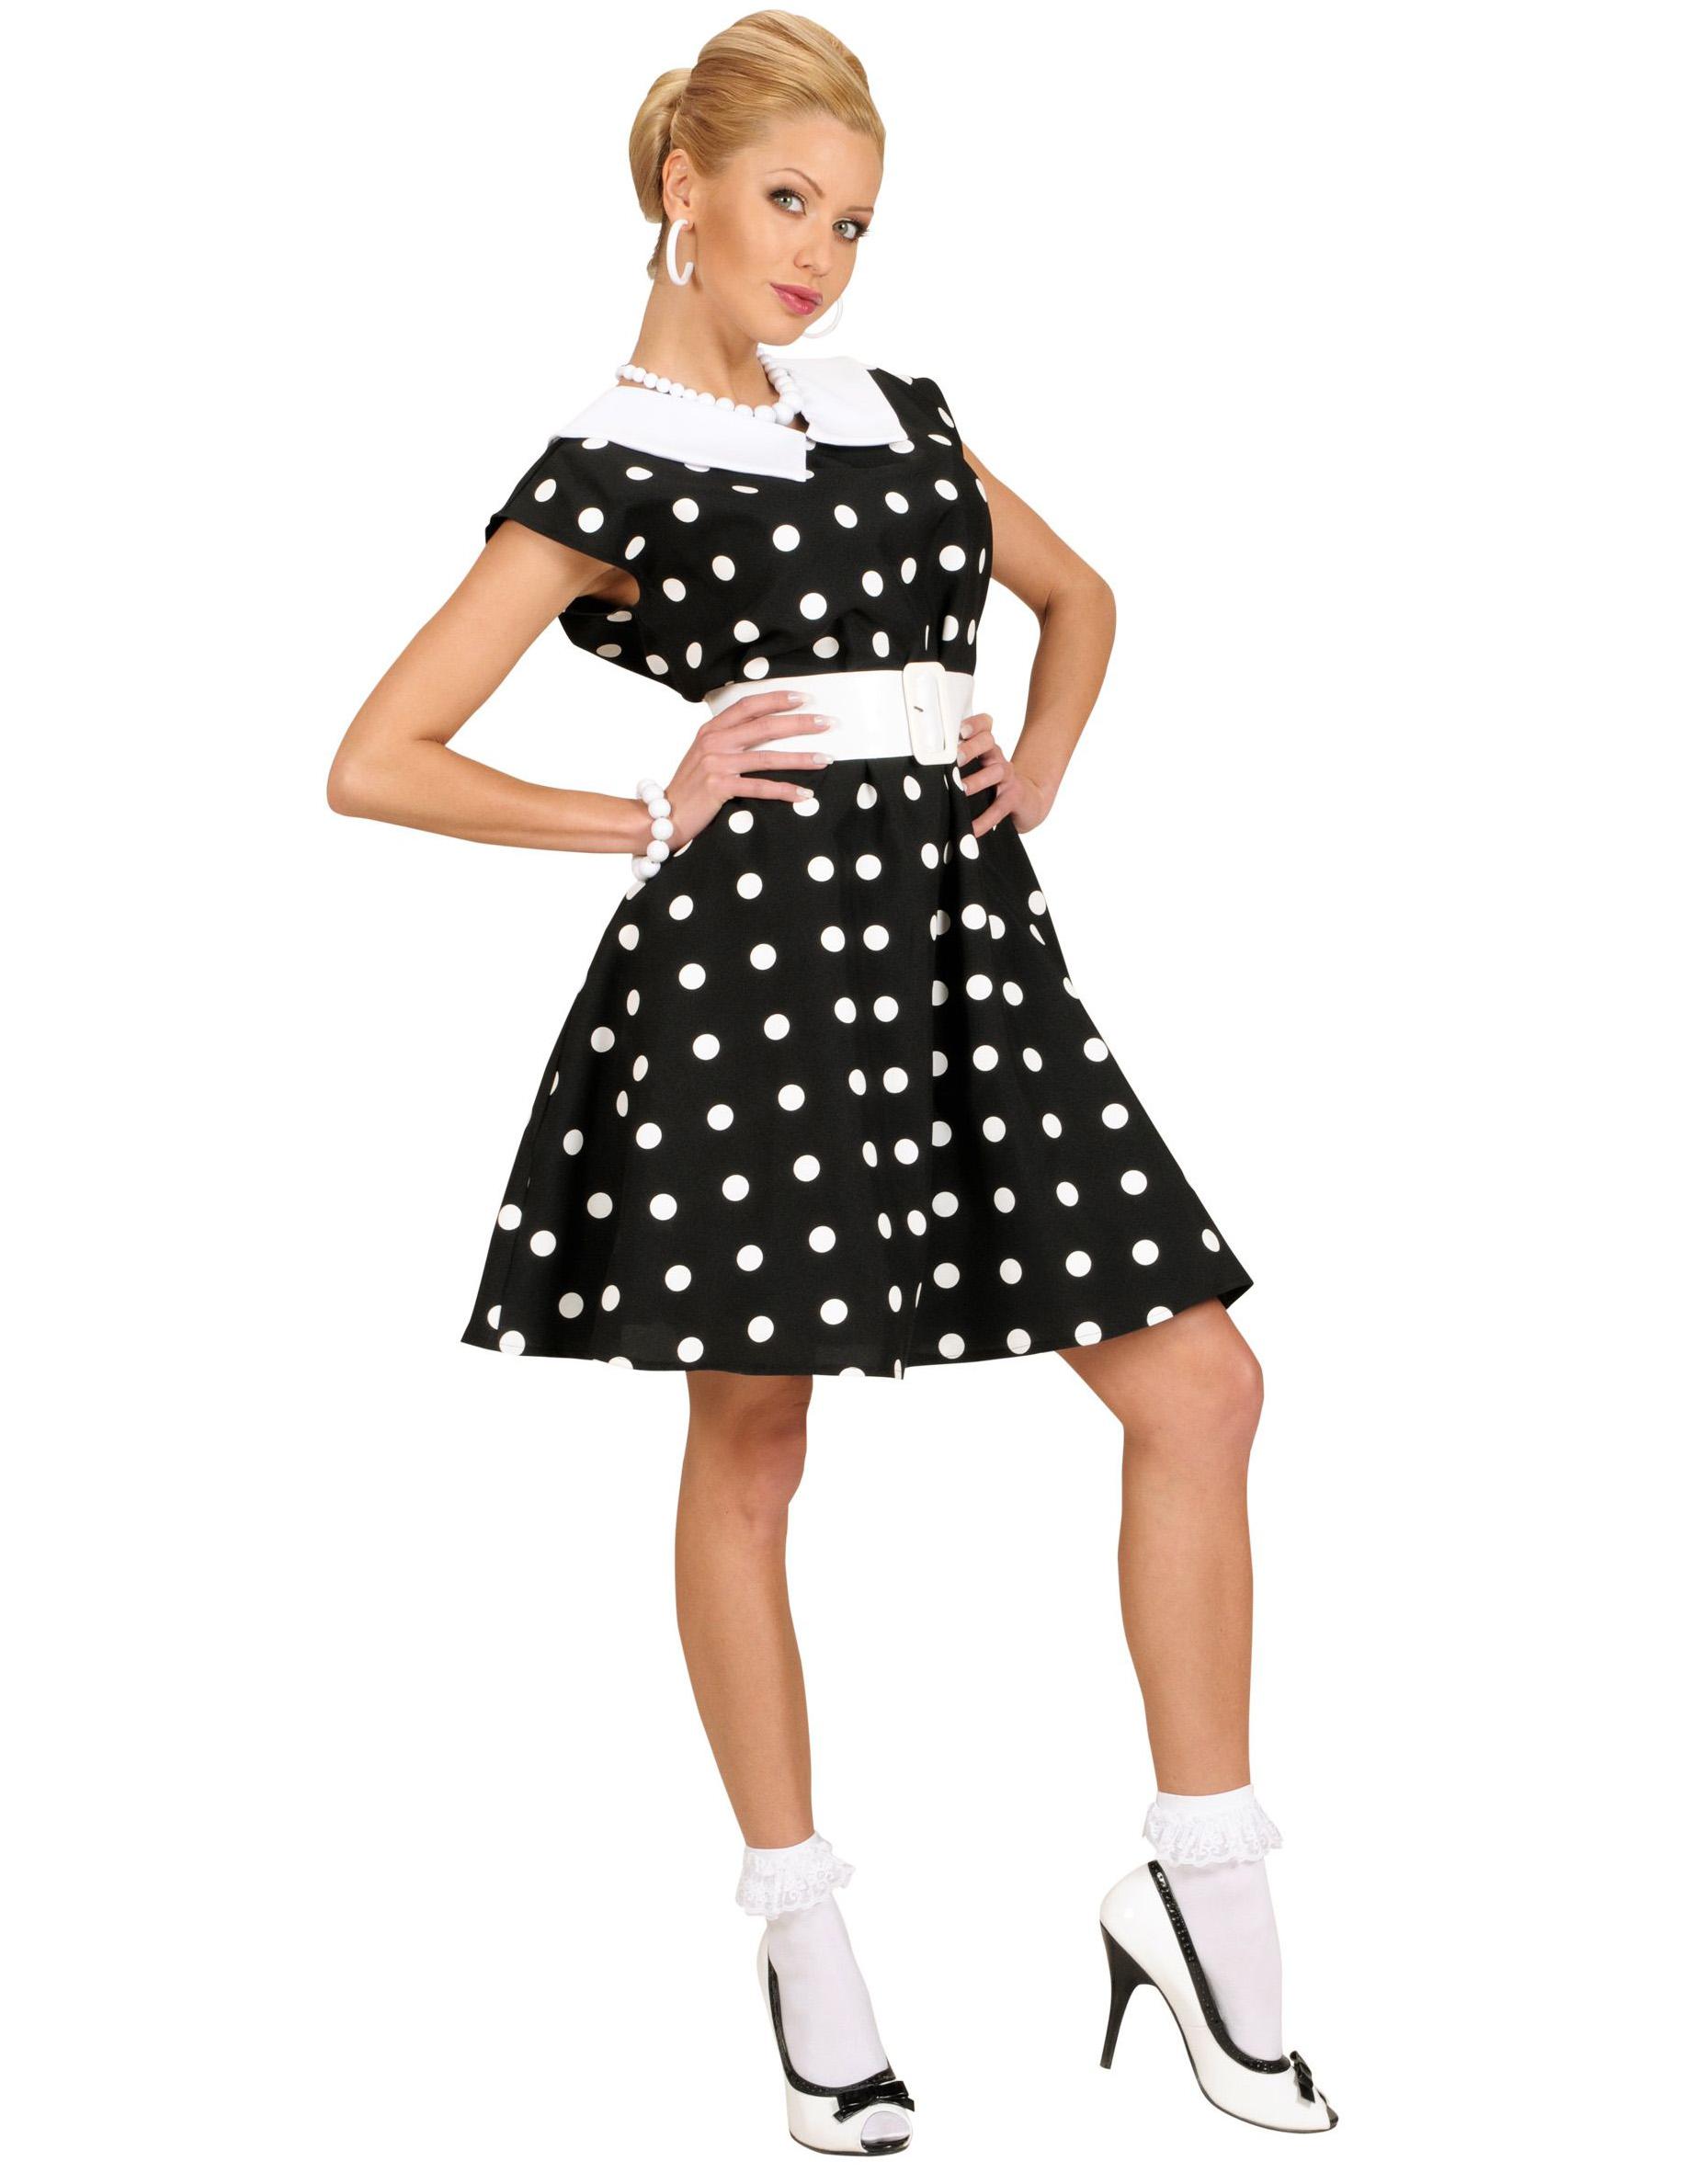 D guisement robe noire pois ann es 50 femme d coration anniversaire et f tes th me sur - Tenue des annees 50 ...